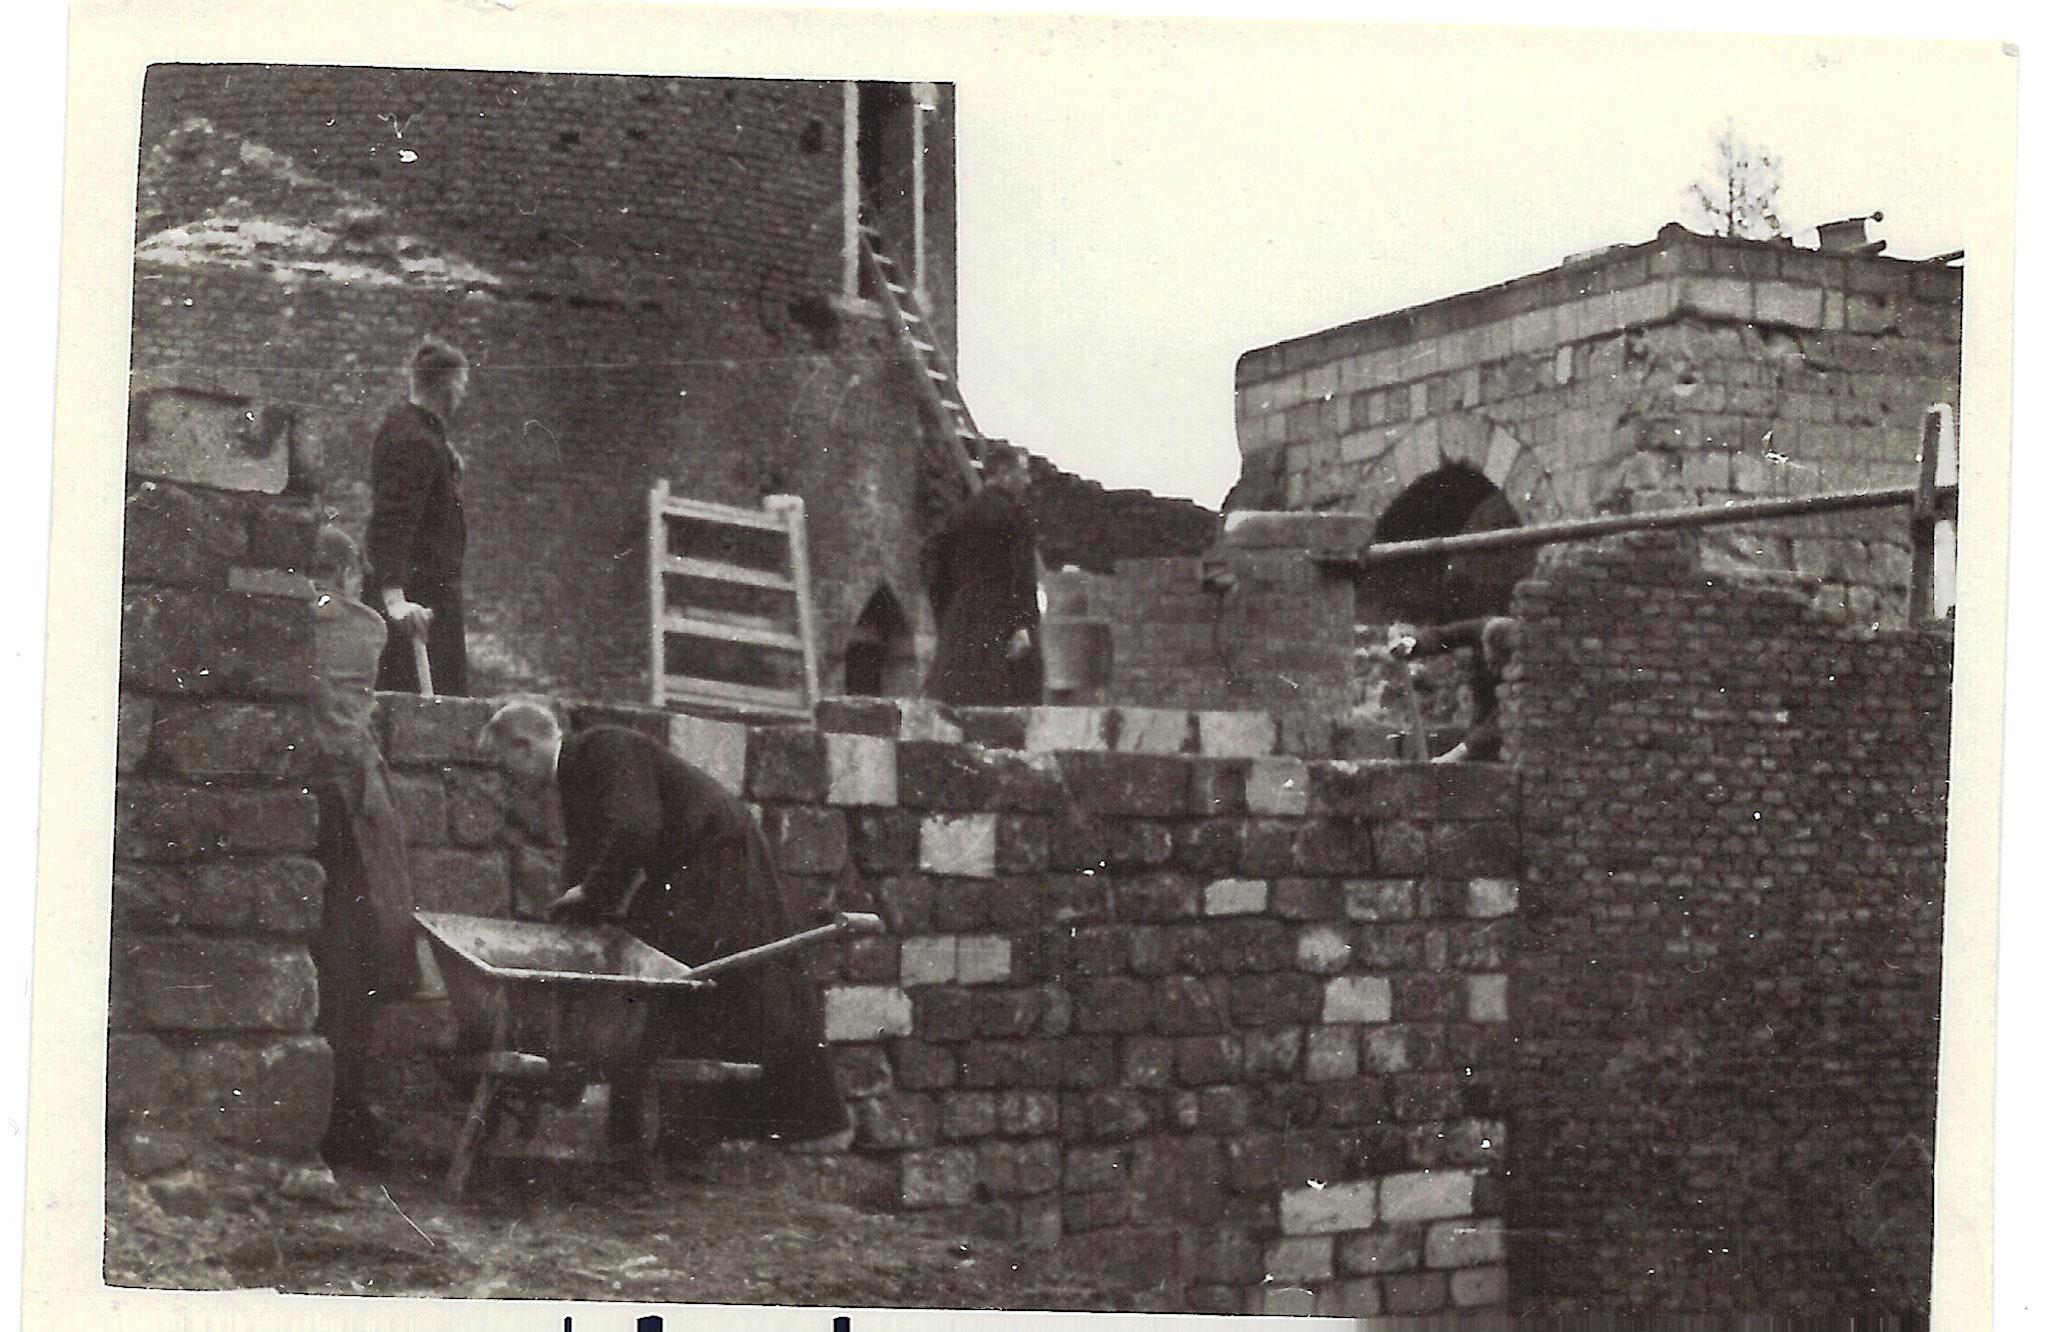 Paters aan het werk aan de barbacane, 1938 (bron: archief Stichting Erfgoed Stein).